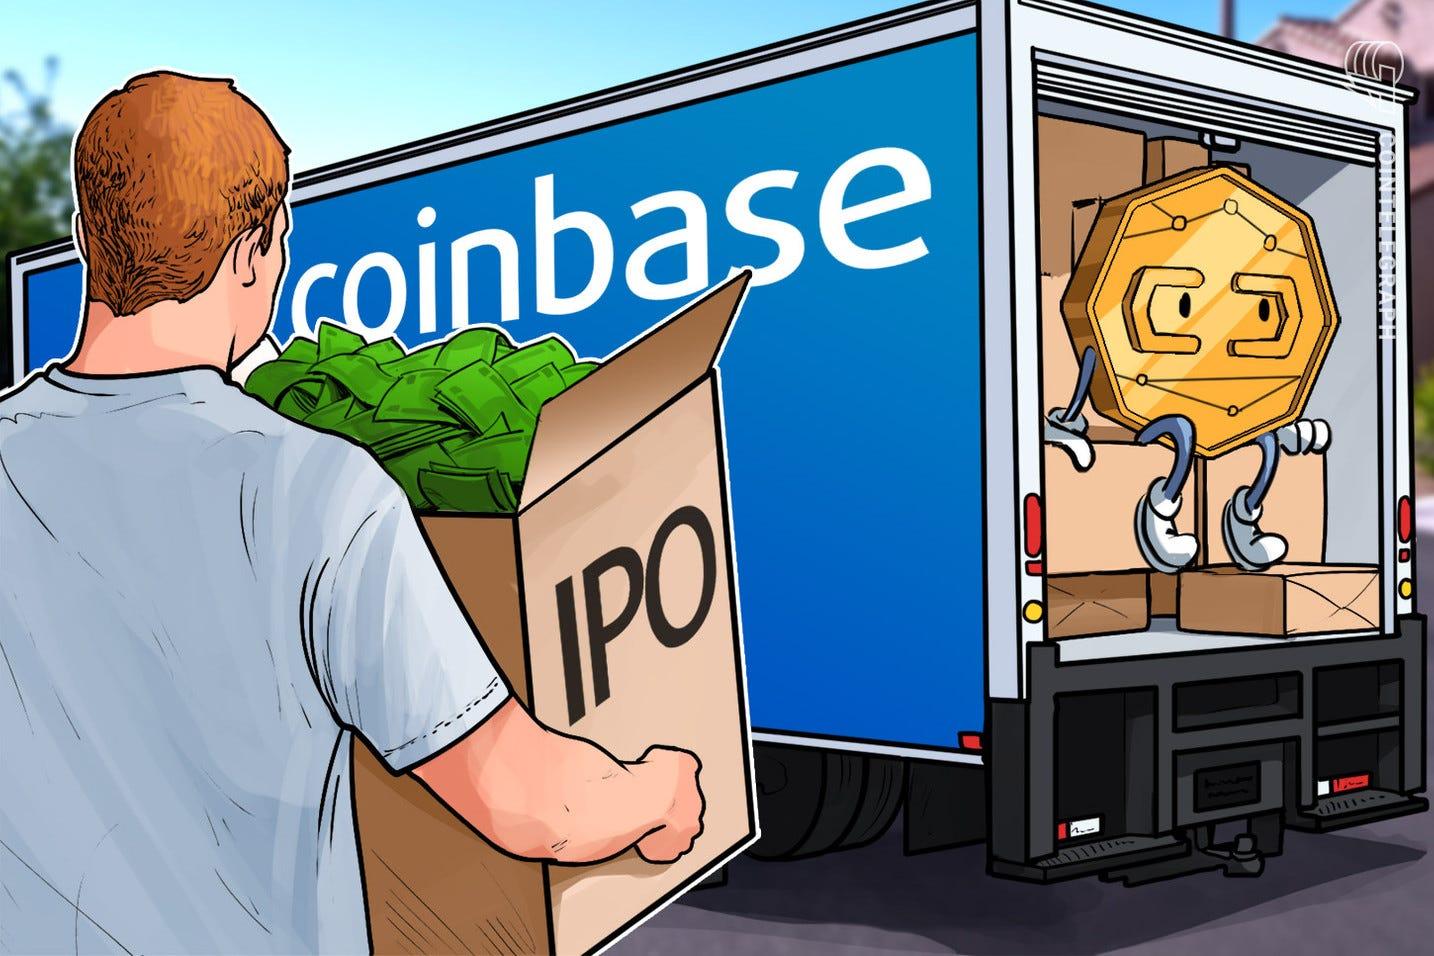 Messari values Coinbase at $28 billion following IPO filing